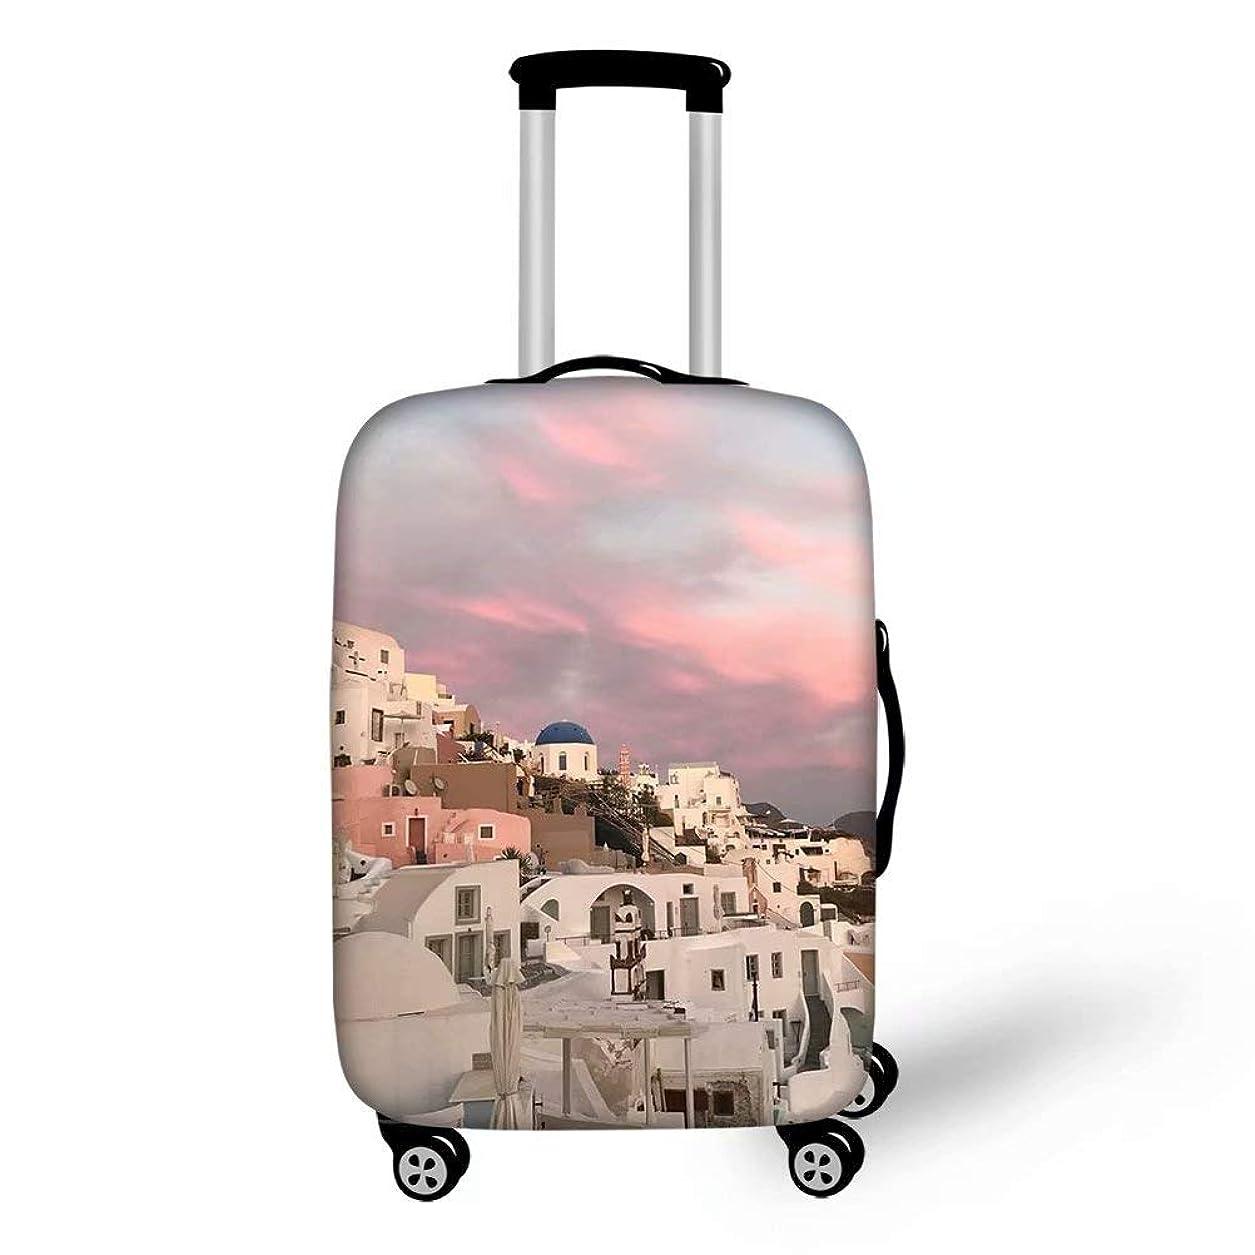 計算可能ヒール迷路Ledback スーツケースカバー 伸縮素材 ヨーロッパ風景 英国風 S/M/Lサイズ ラゲッジカバー 個性的 防塵 防水 洗える 旅行者 キャリーカバー おしゃれ 保護 トランクカバー